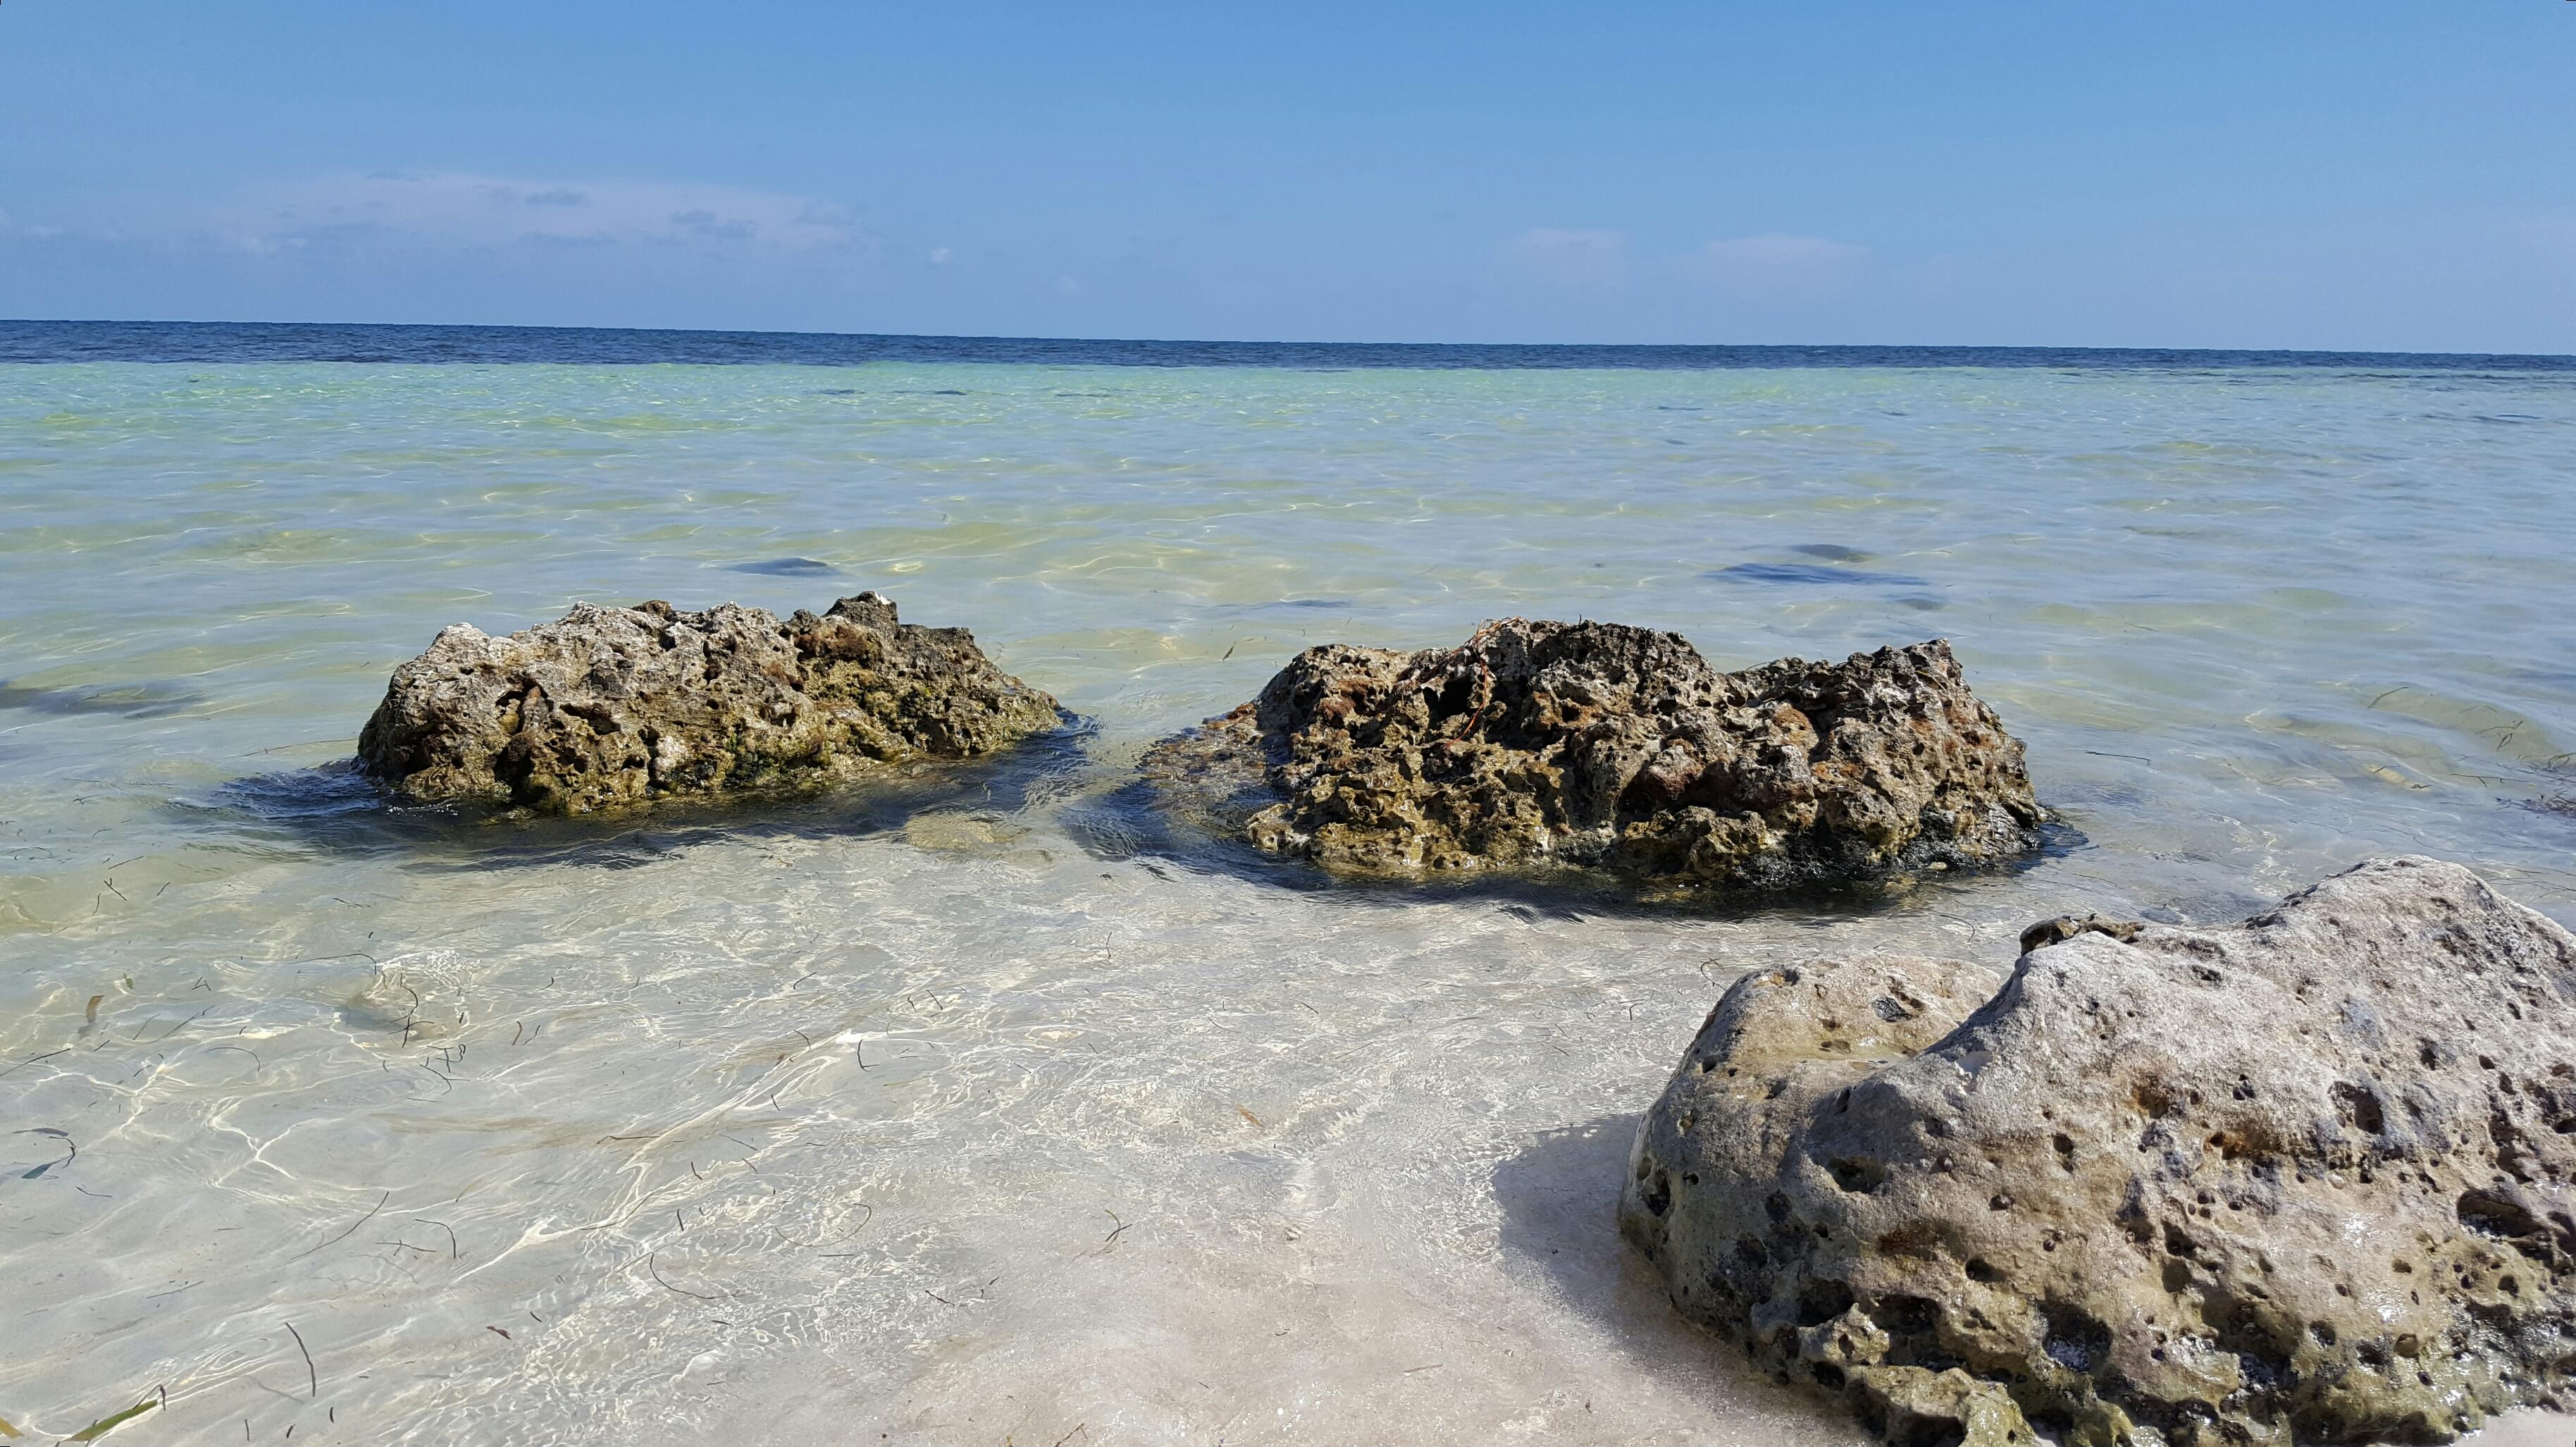 Biltur Florida Keys - Bahia Honda State Park.